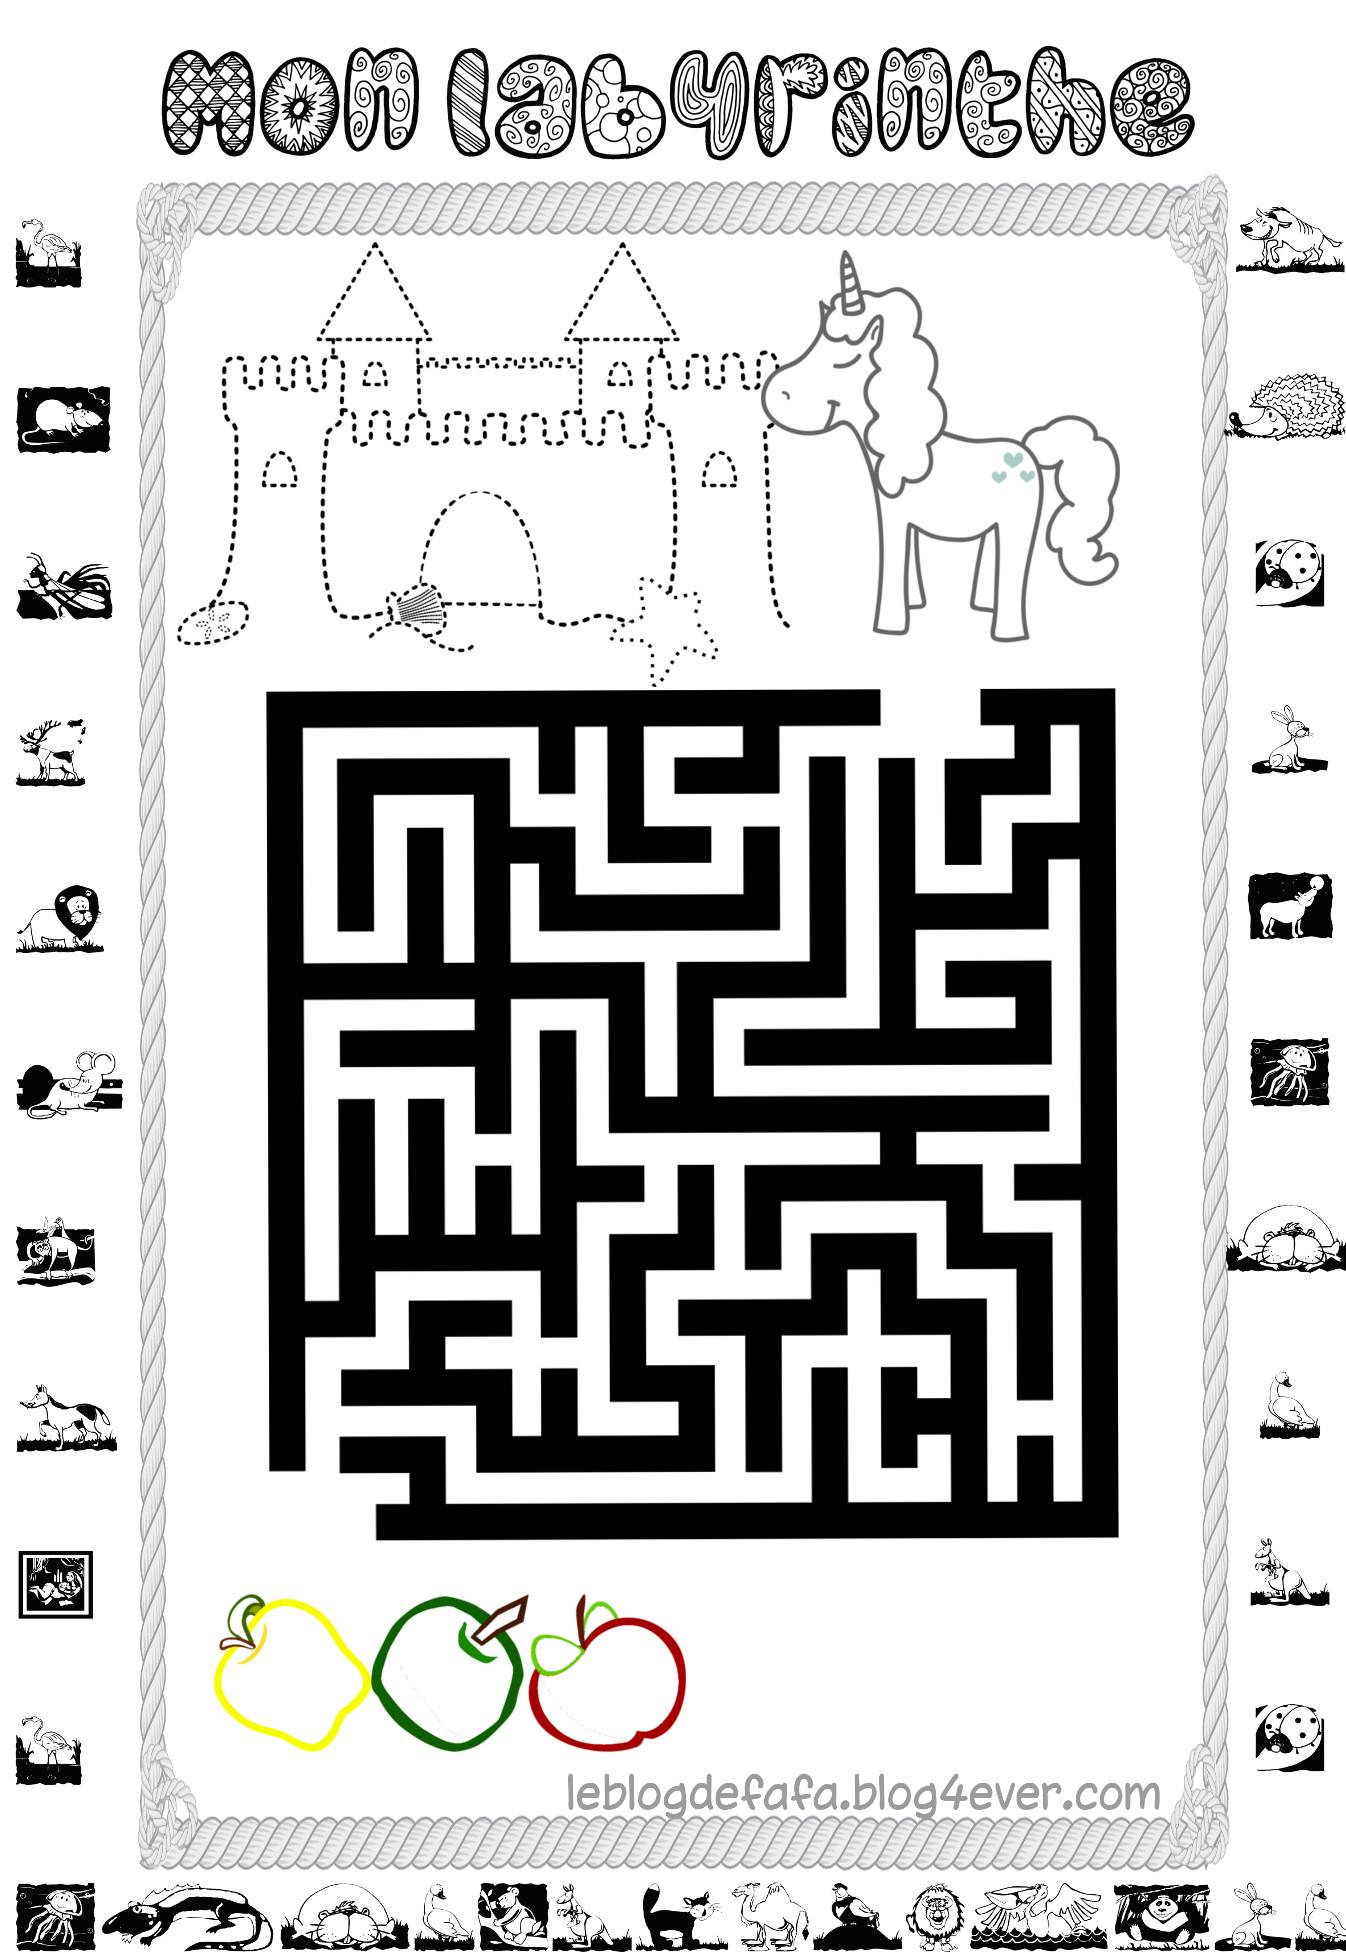 labyrinthe3aimprimer.jpg